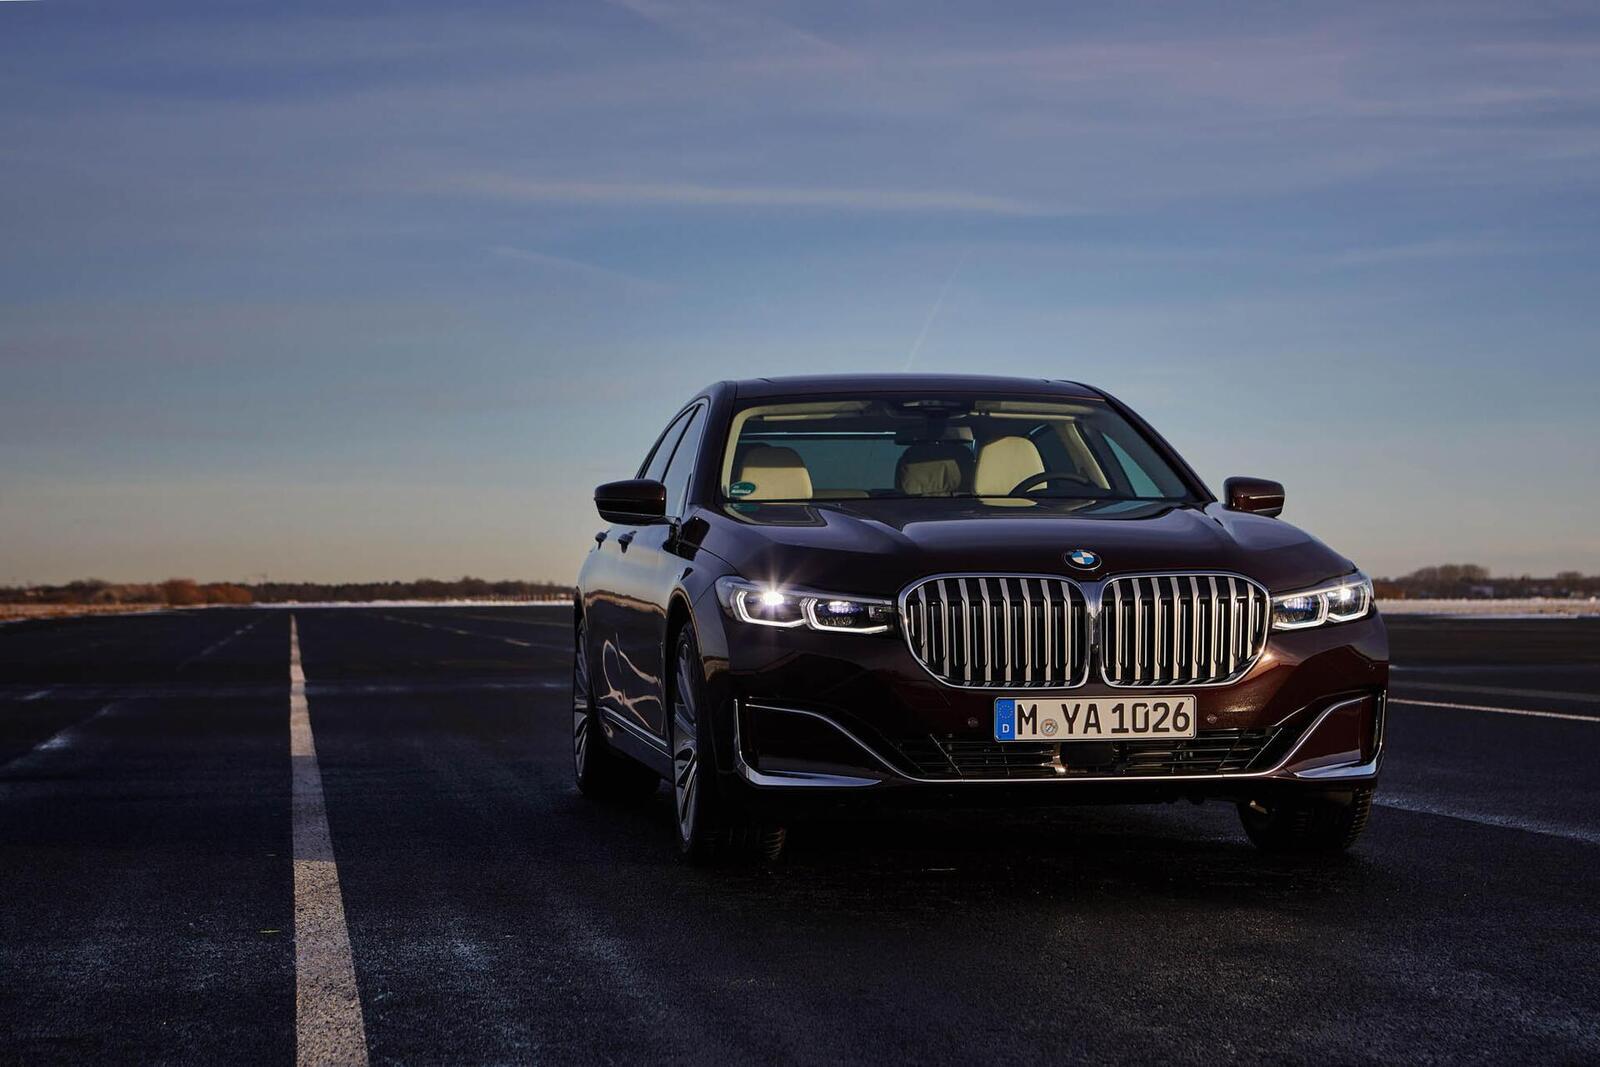 BMW giới thiệu 7 Series PHEV 2020 mới; lắp động cơ 3.0L mới thay chế cho 2.0L cũ - Hình 17